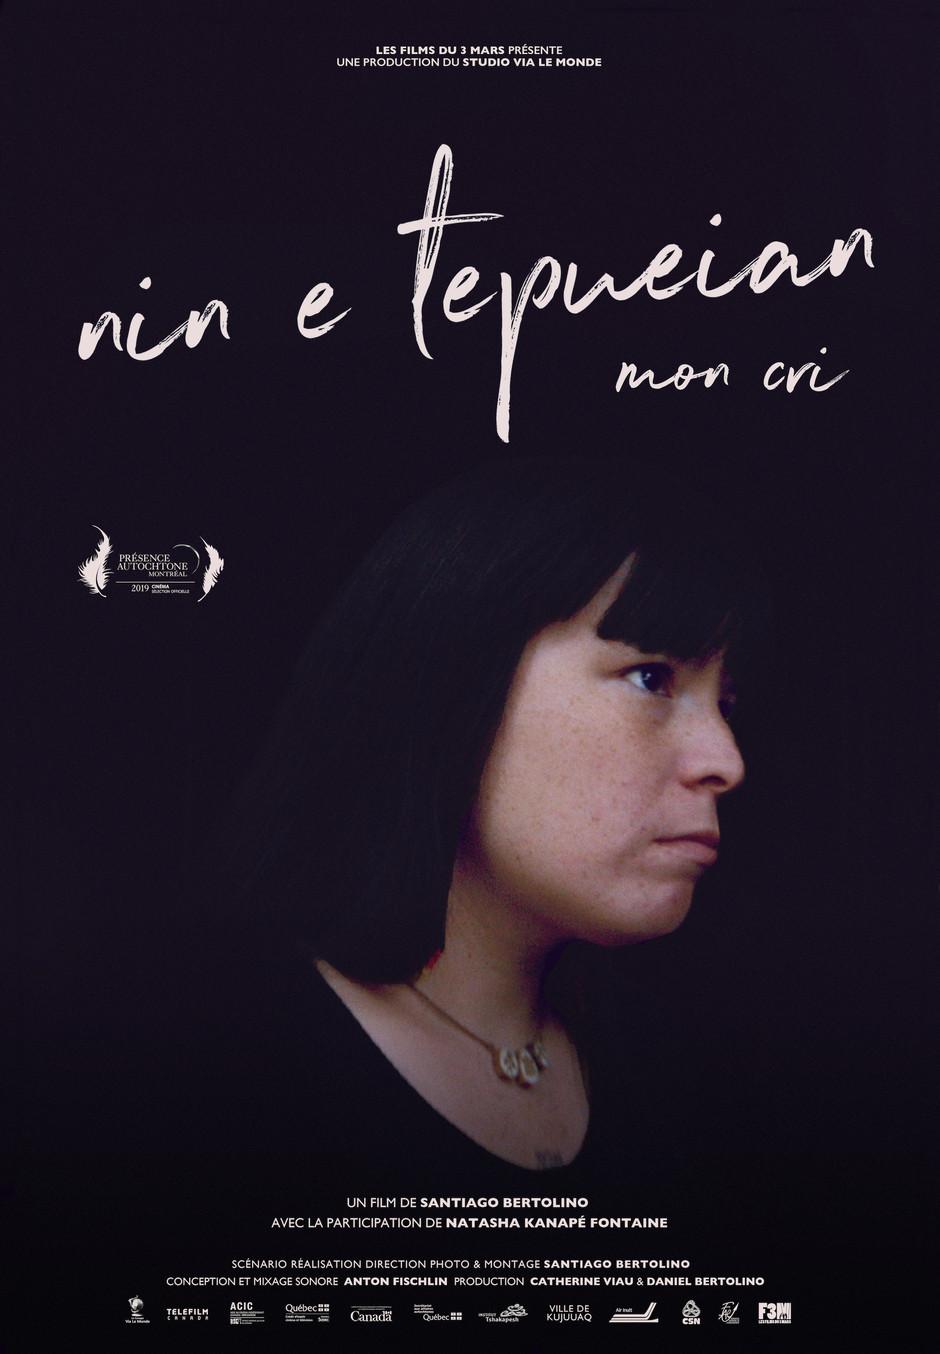 NIN E TEPUEIAN - MON CRI en salles dès le 24 janvier 2020